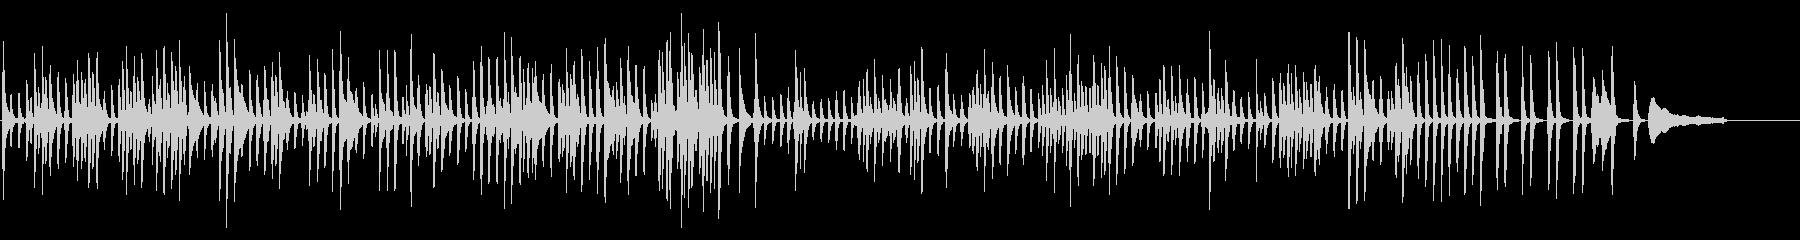 可愛いワルツ(ピアノソロ)の未再生の波形